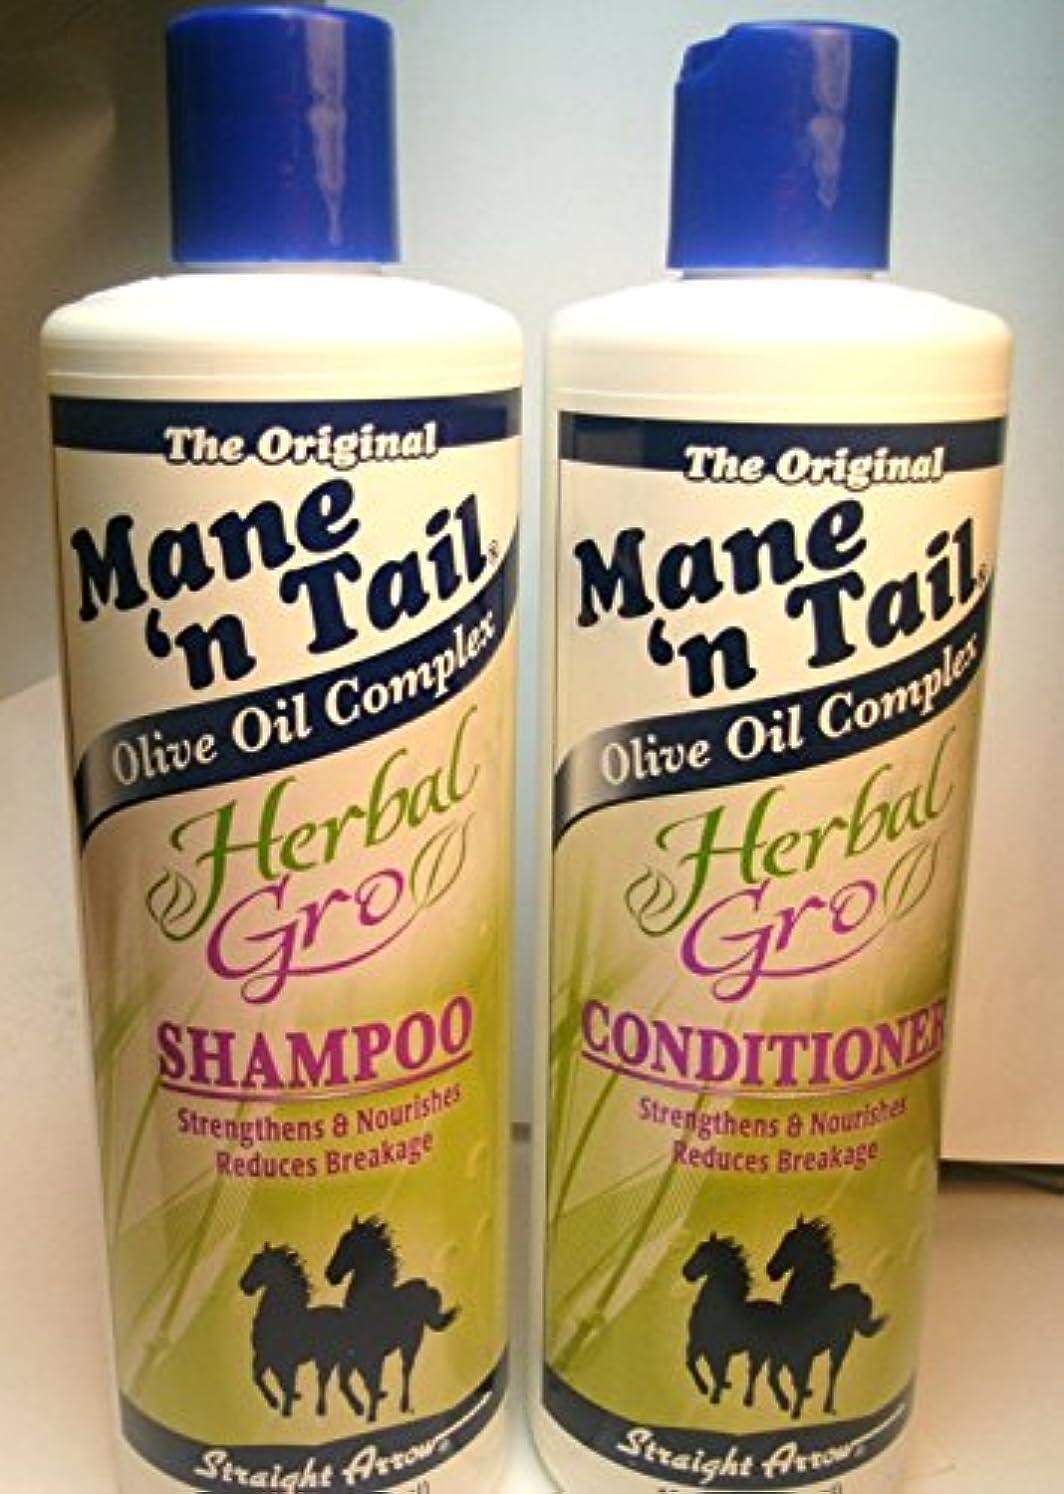 トークン回転させる群れMane 'n Tail Herbal Gro Shampoo & Conditioner Olive Oil Complex 12  oz  オリーブ油配合シャンプー&コンディショナー 並行輸入品